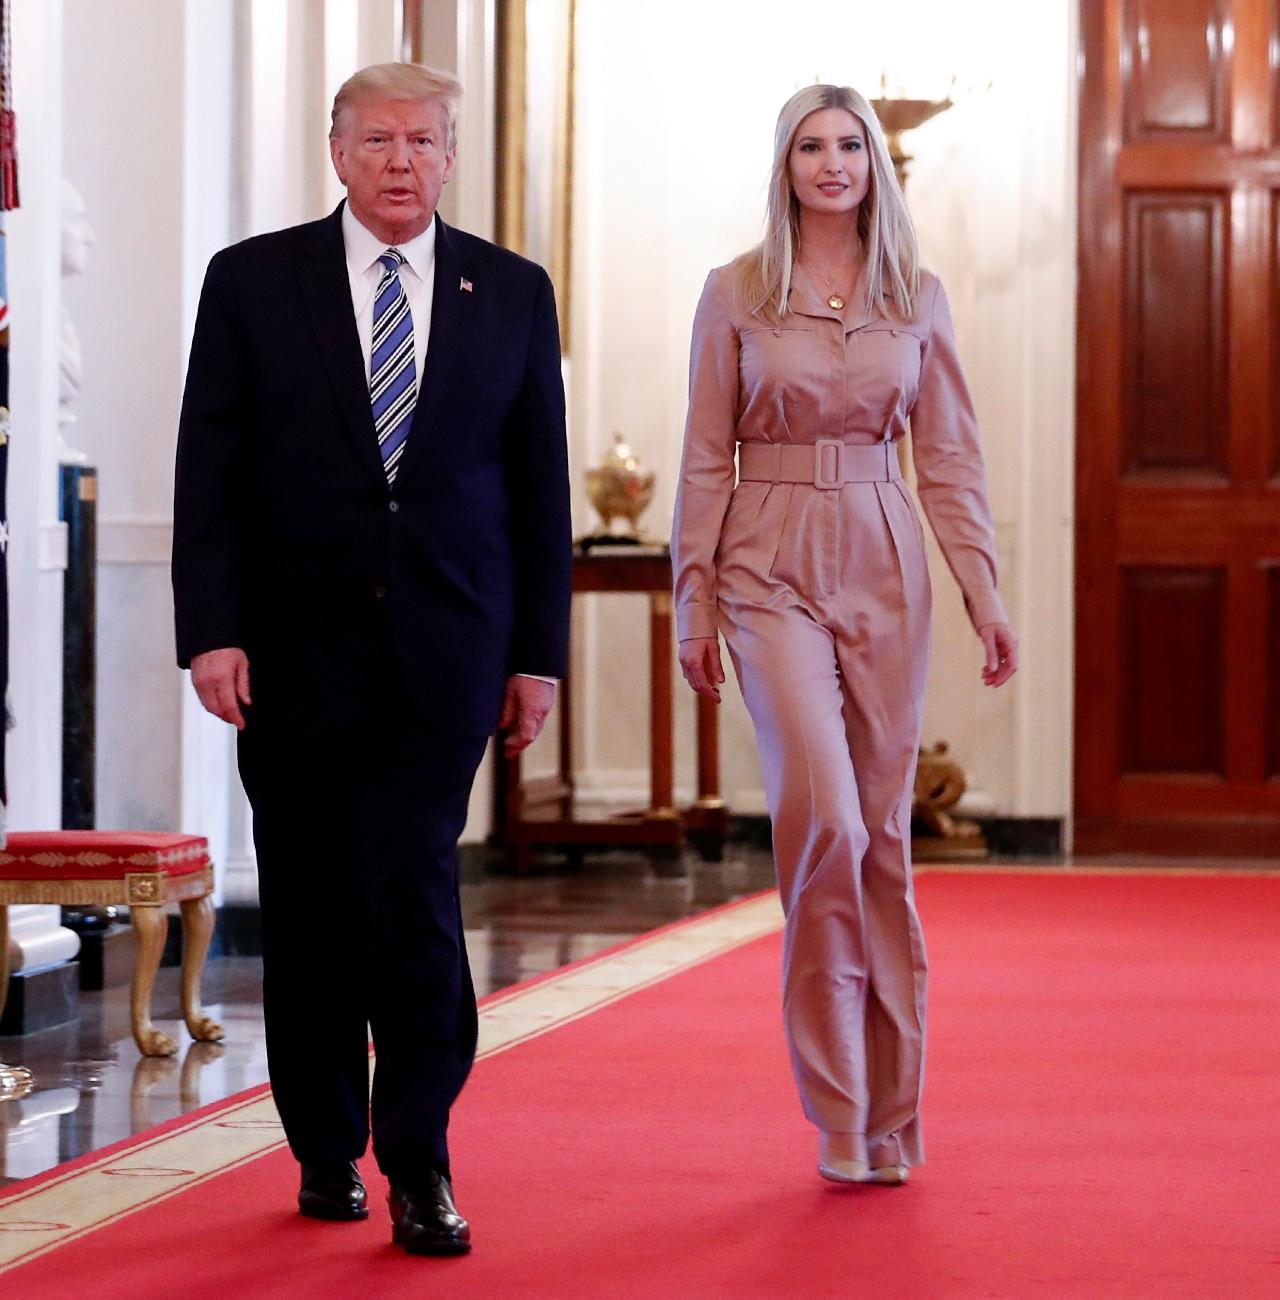 Иванка Трамп решила пойти на инаугурацию Джо Байдена и поссорилась с отцом - фото №1